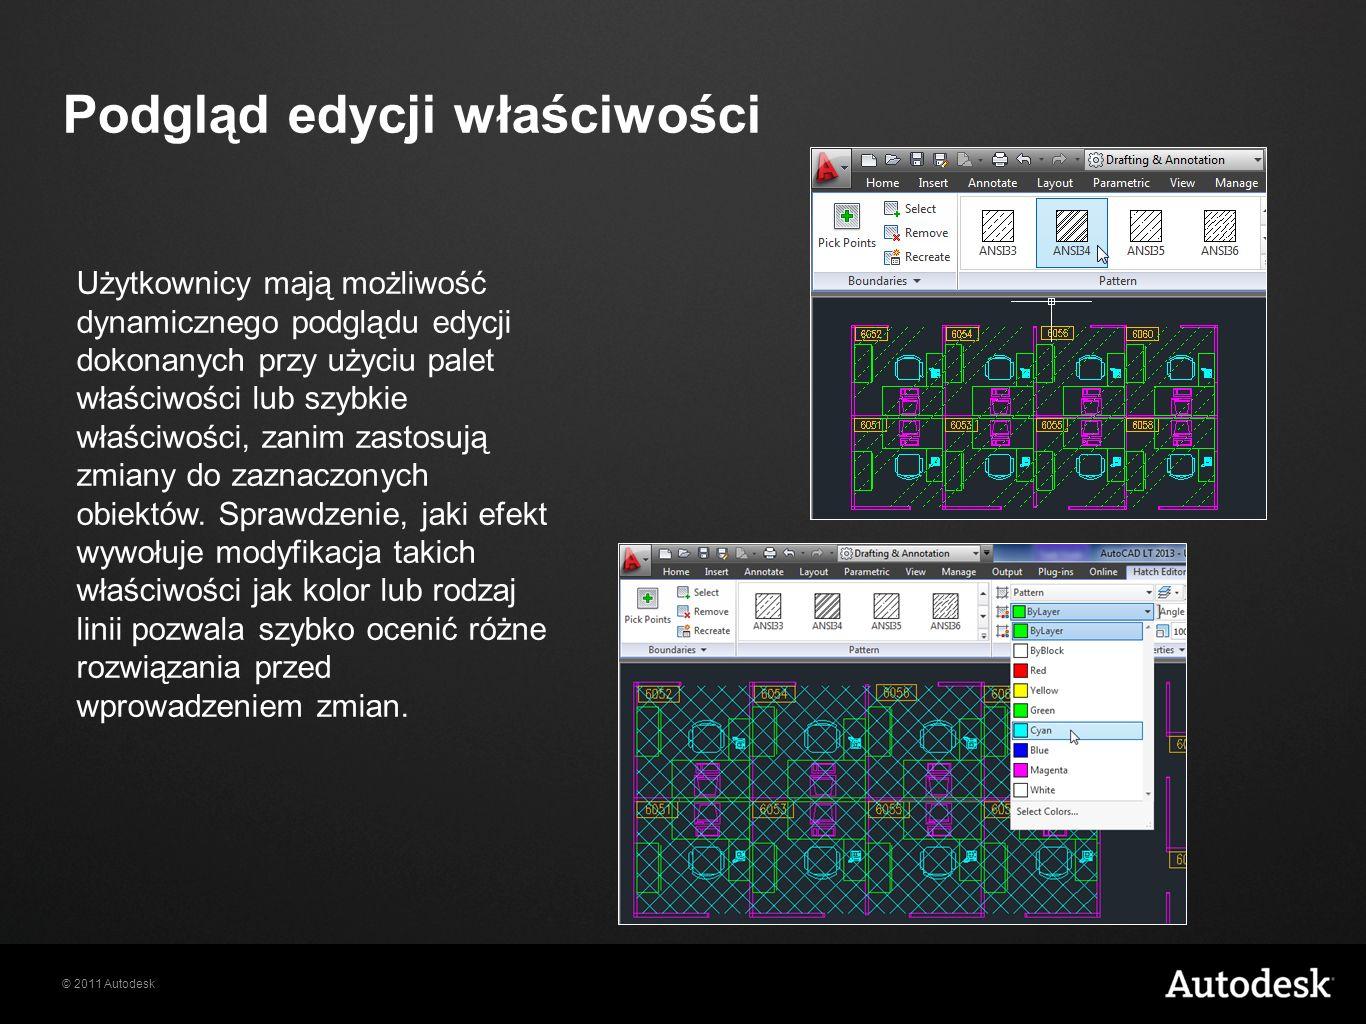 © 2011 Autodesk Podgląd edycji właściwości Użytkownicy mają możliwość dynamicznego podglądu edycji dokonanych przy użyciu palet właściwości lub szybkie właściwości, zanim zastosują zmiany do zaznaczonych obiektów.